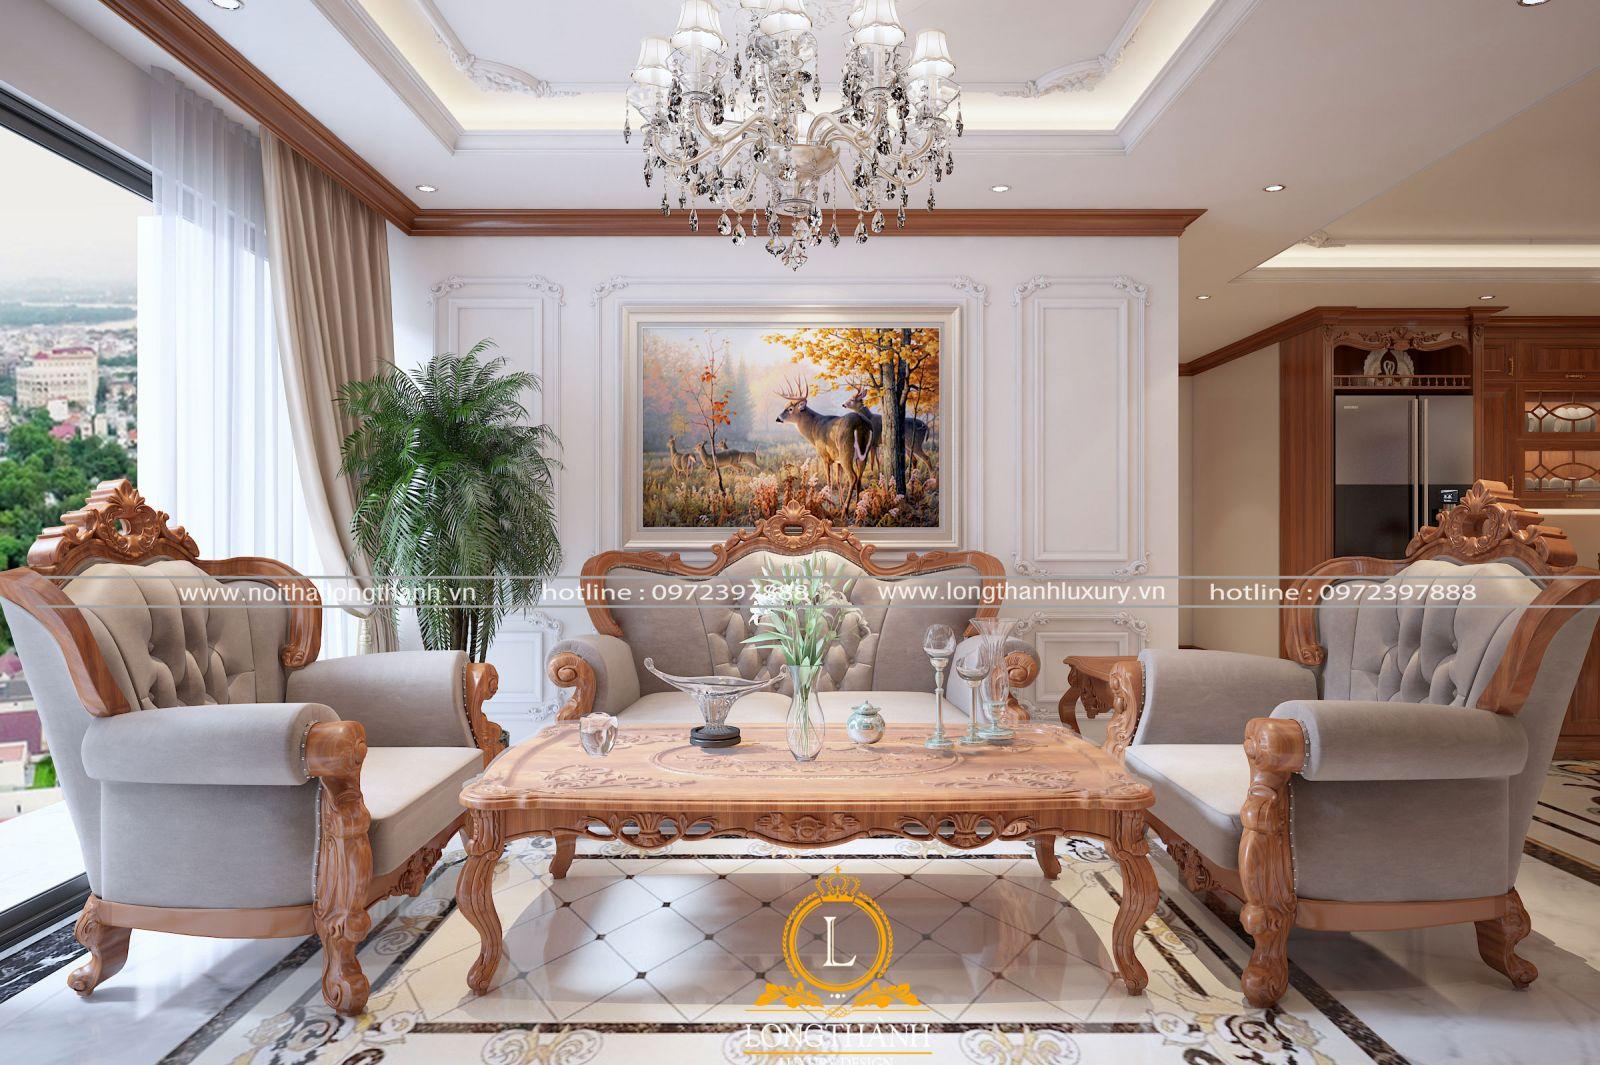 Lựa chọn mẫu trần thạch cao đơn giản cho không gian phòng khách chung cư